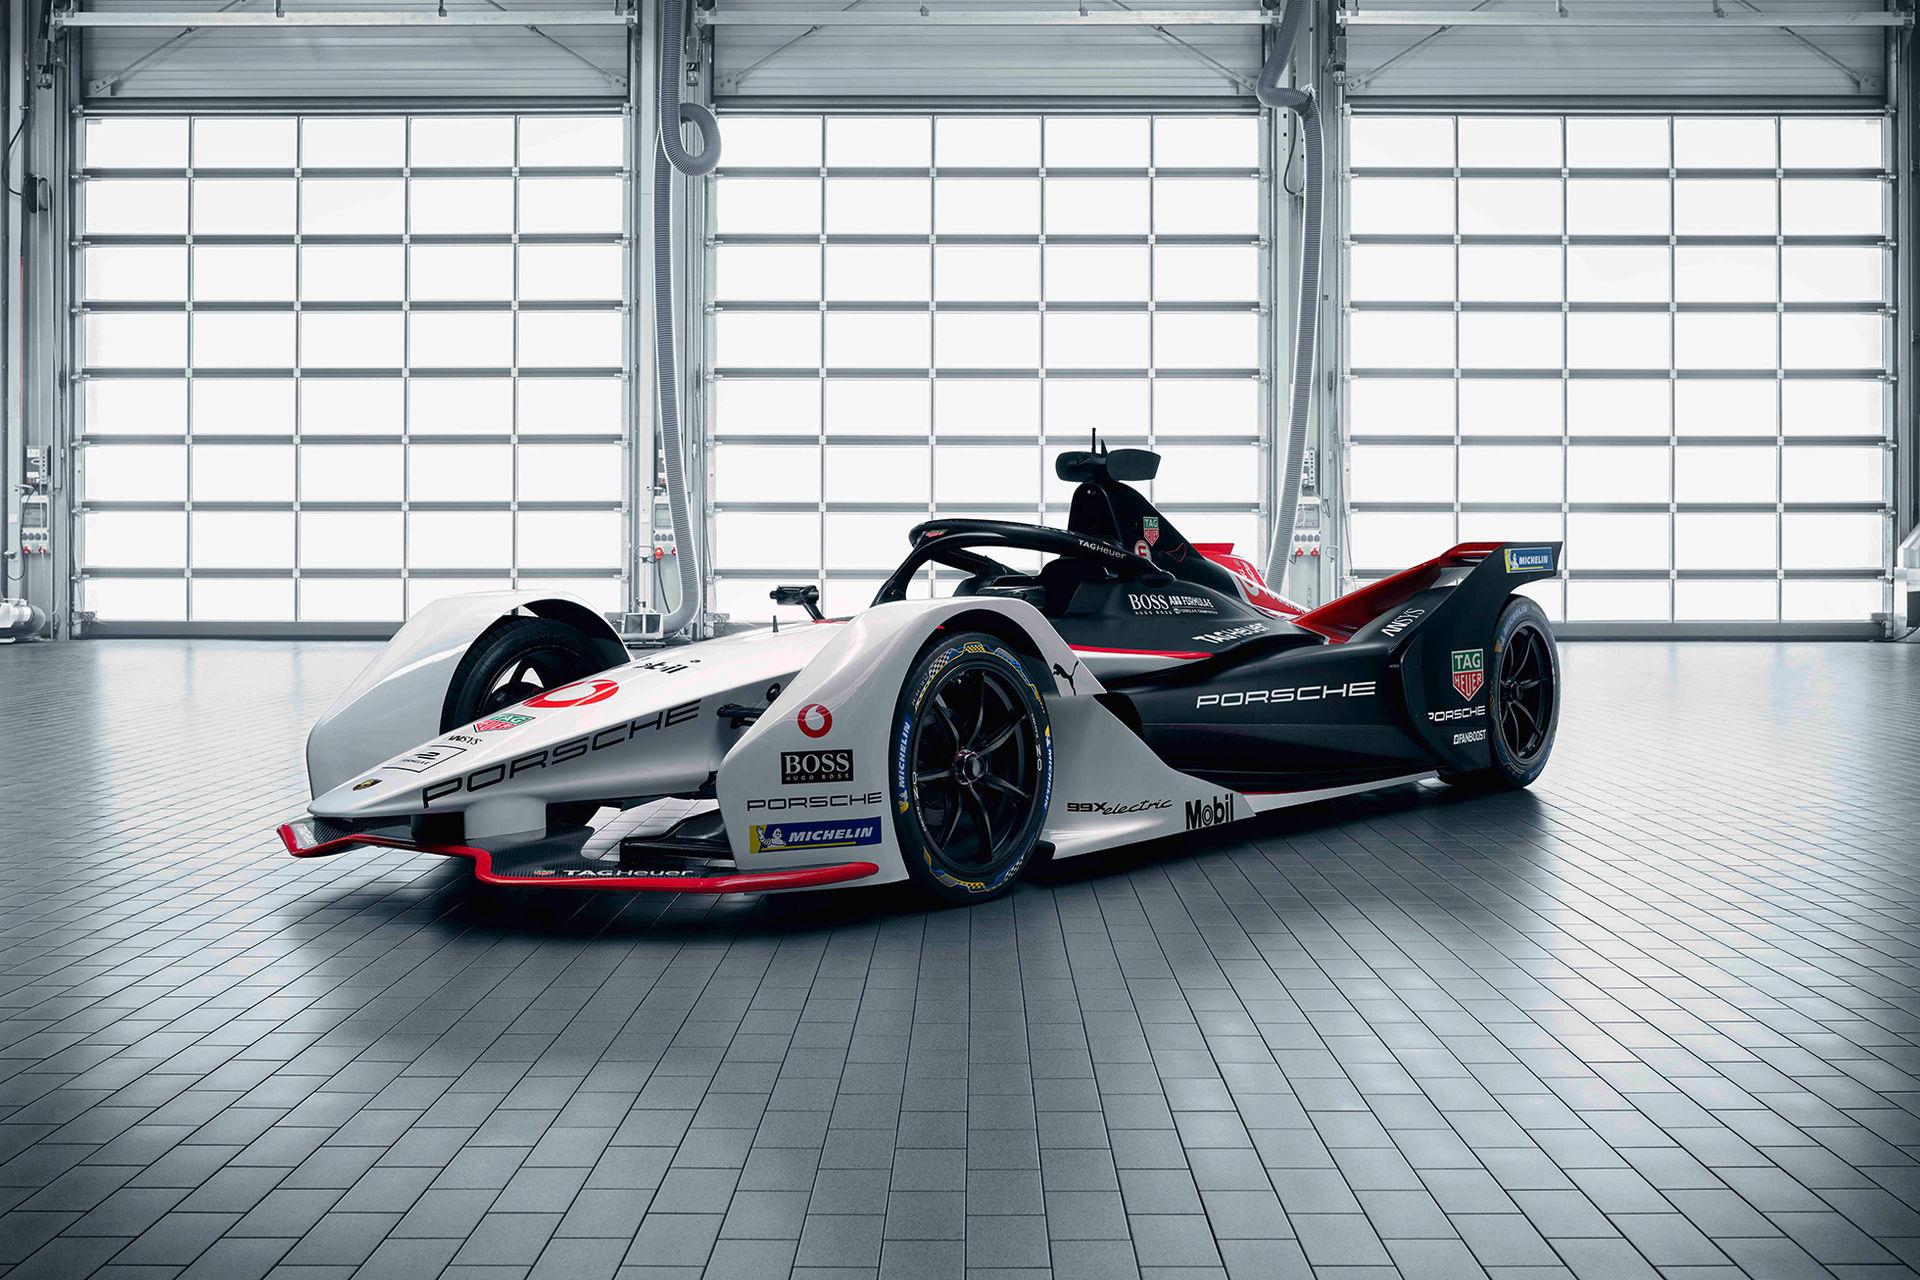 Bilen Porsche ska tävla med i Formel E